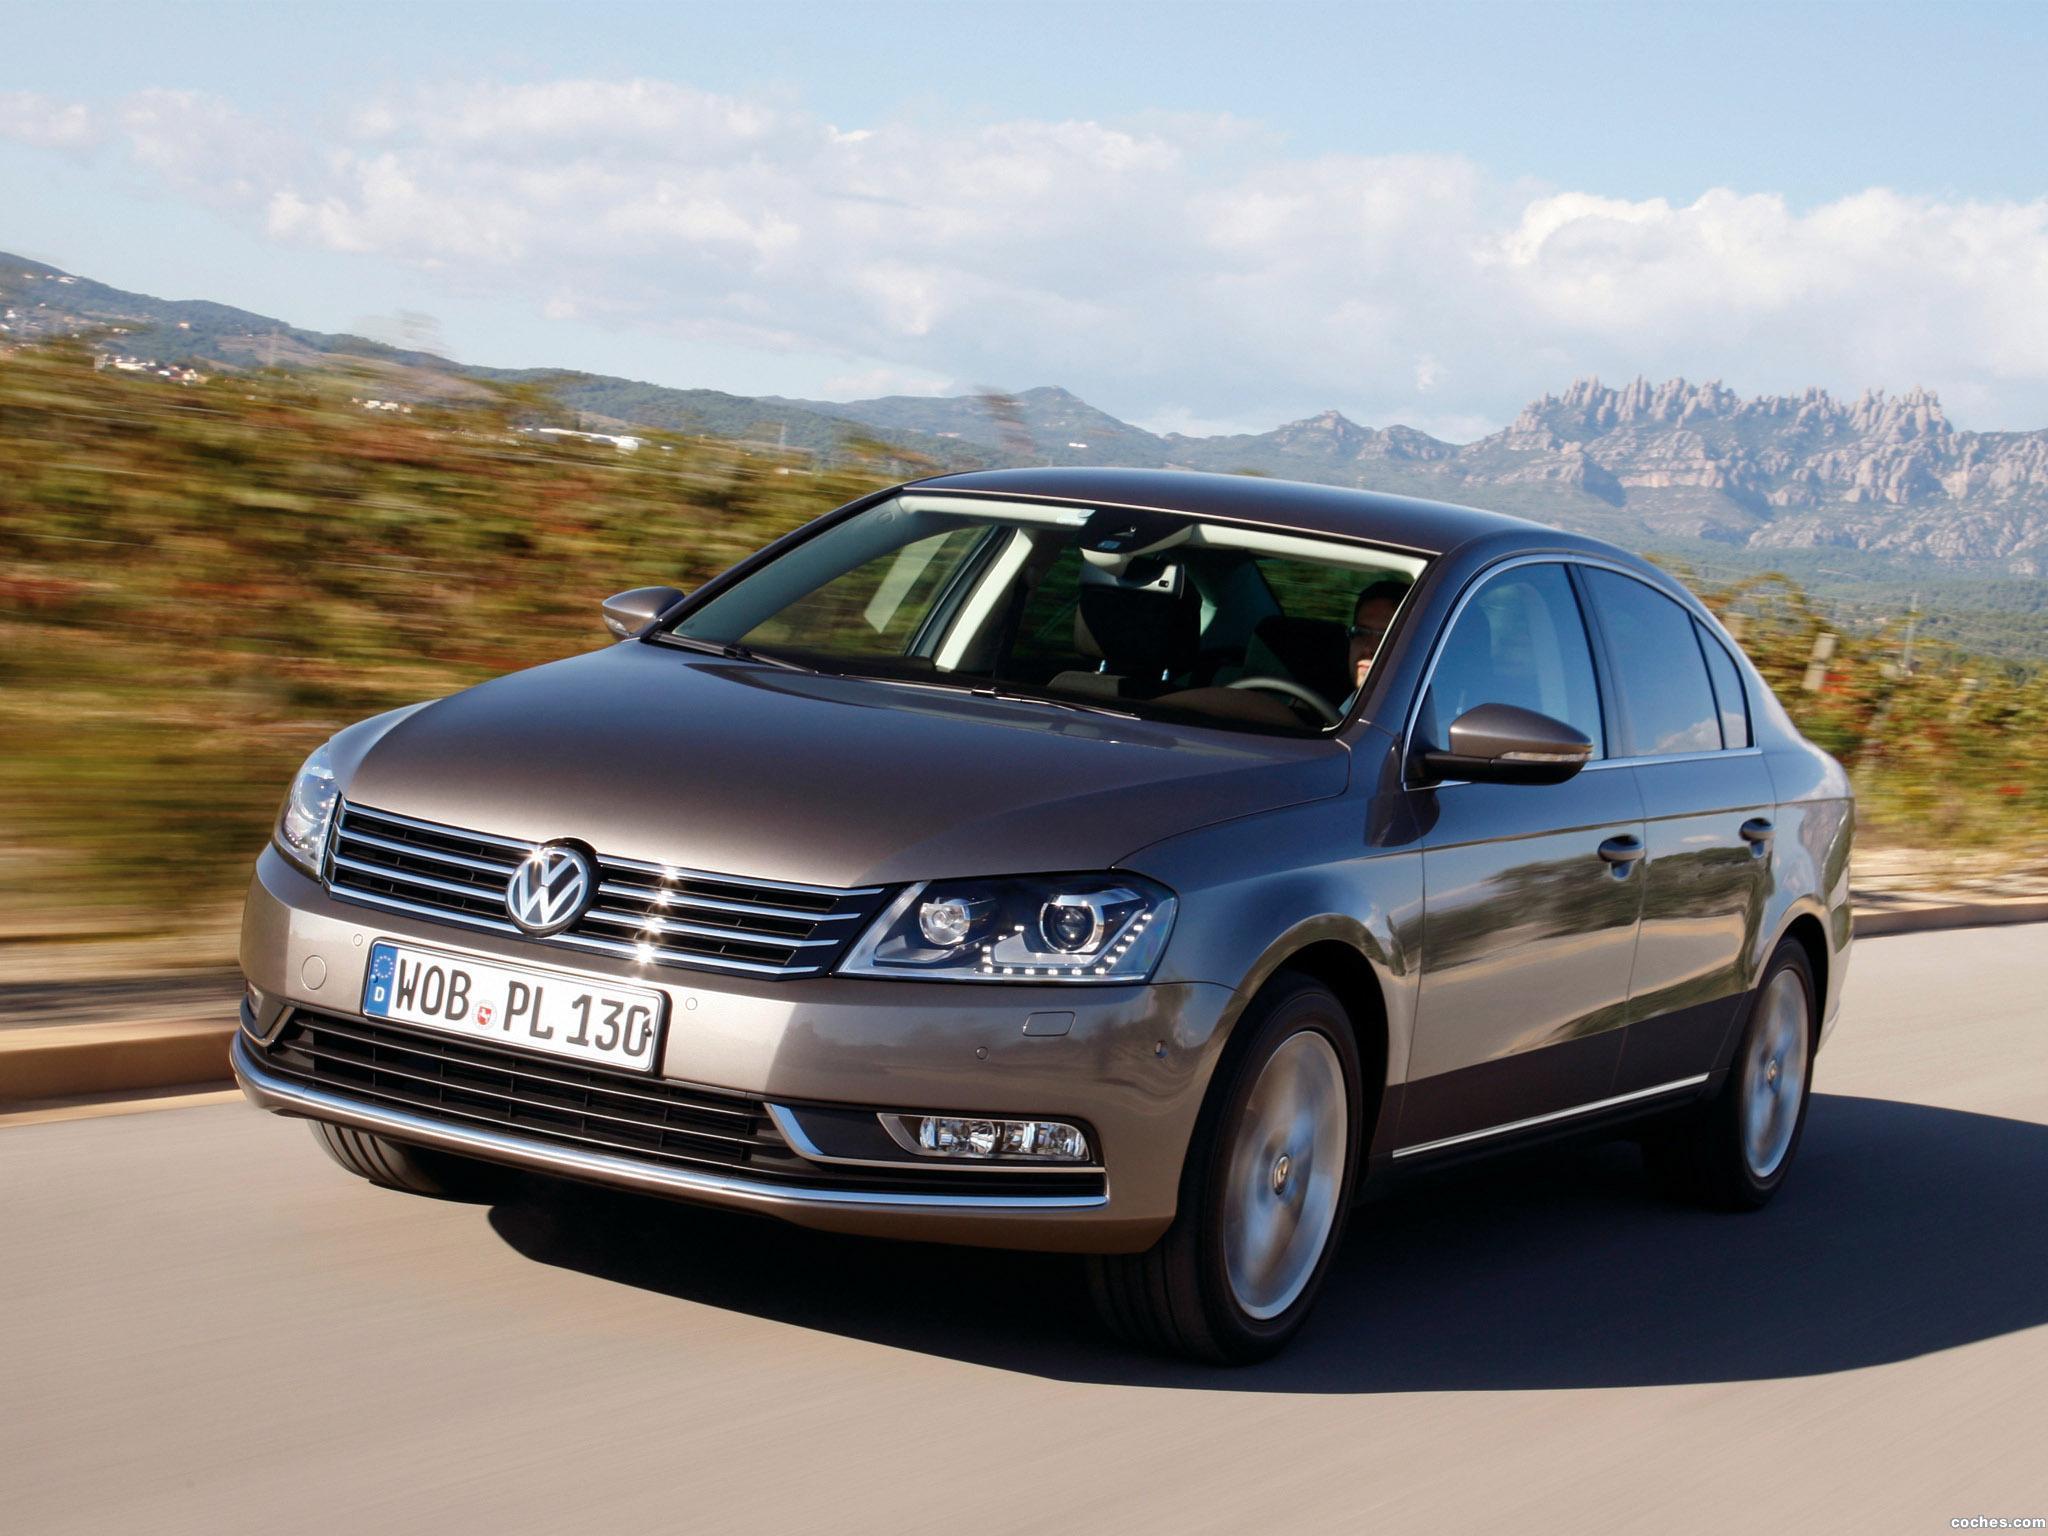 Foto 0 de Volkswagen Passat TSI ecoFuel 2010